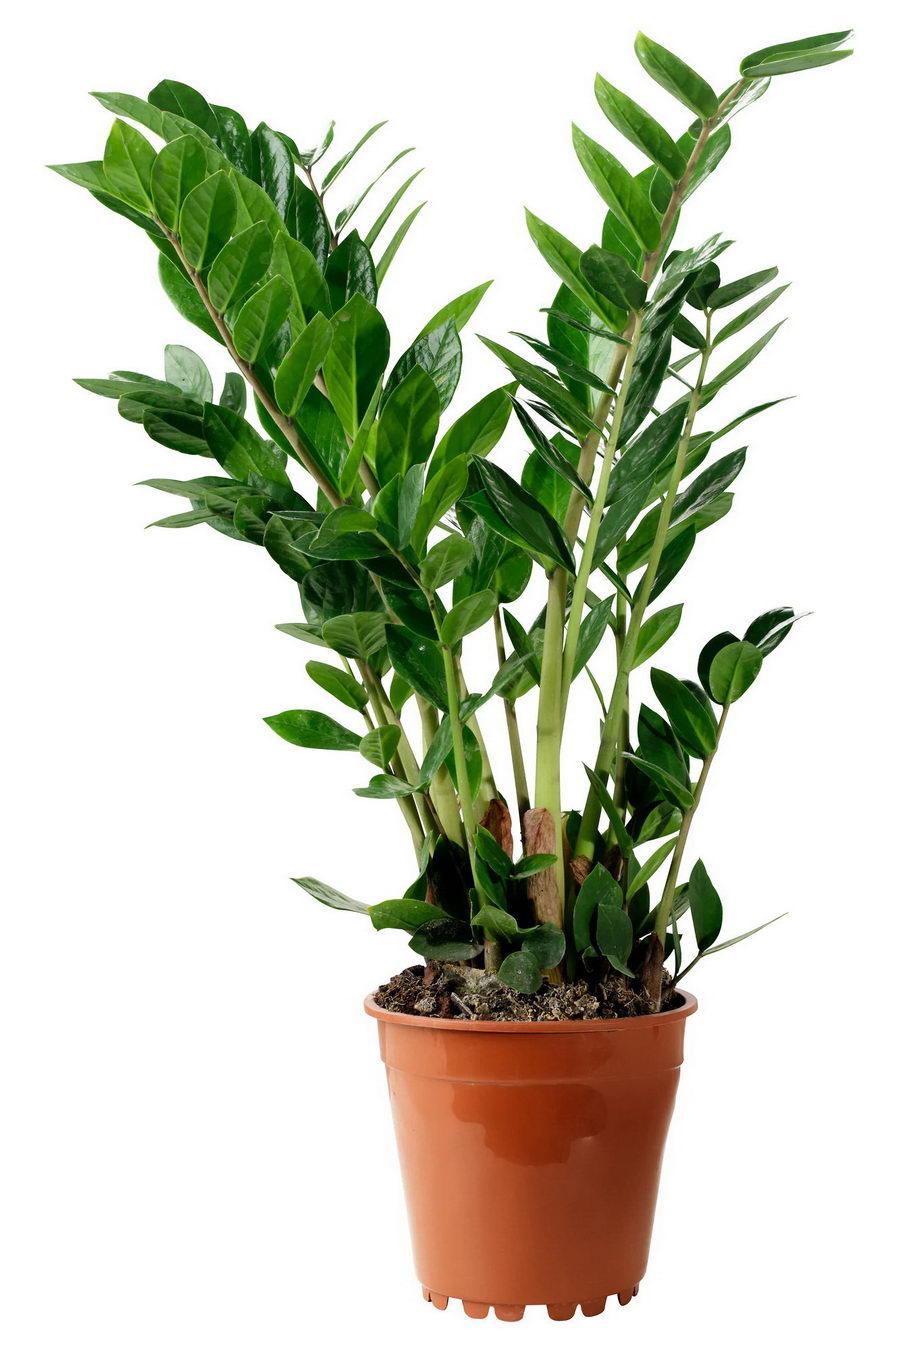 Большие комнатные растения: высокие домашние цветы и крупные растения типа дерева в горшках для дома | 30 больших комнатных растений и цветов — фото и названия | 10 самых больших растений для интерьера: куда поставить, как ухаживать | Комнатные растения большие, высокие; напольные домашние цветы с листьями